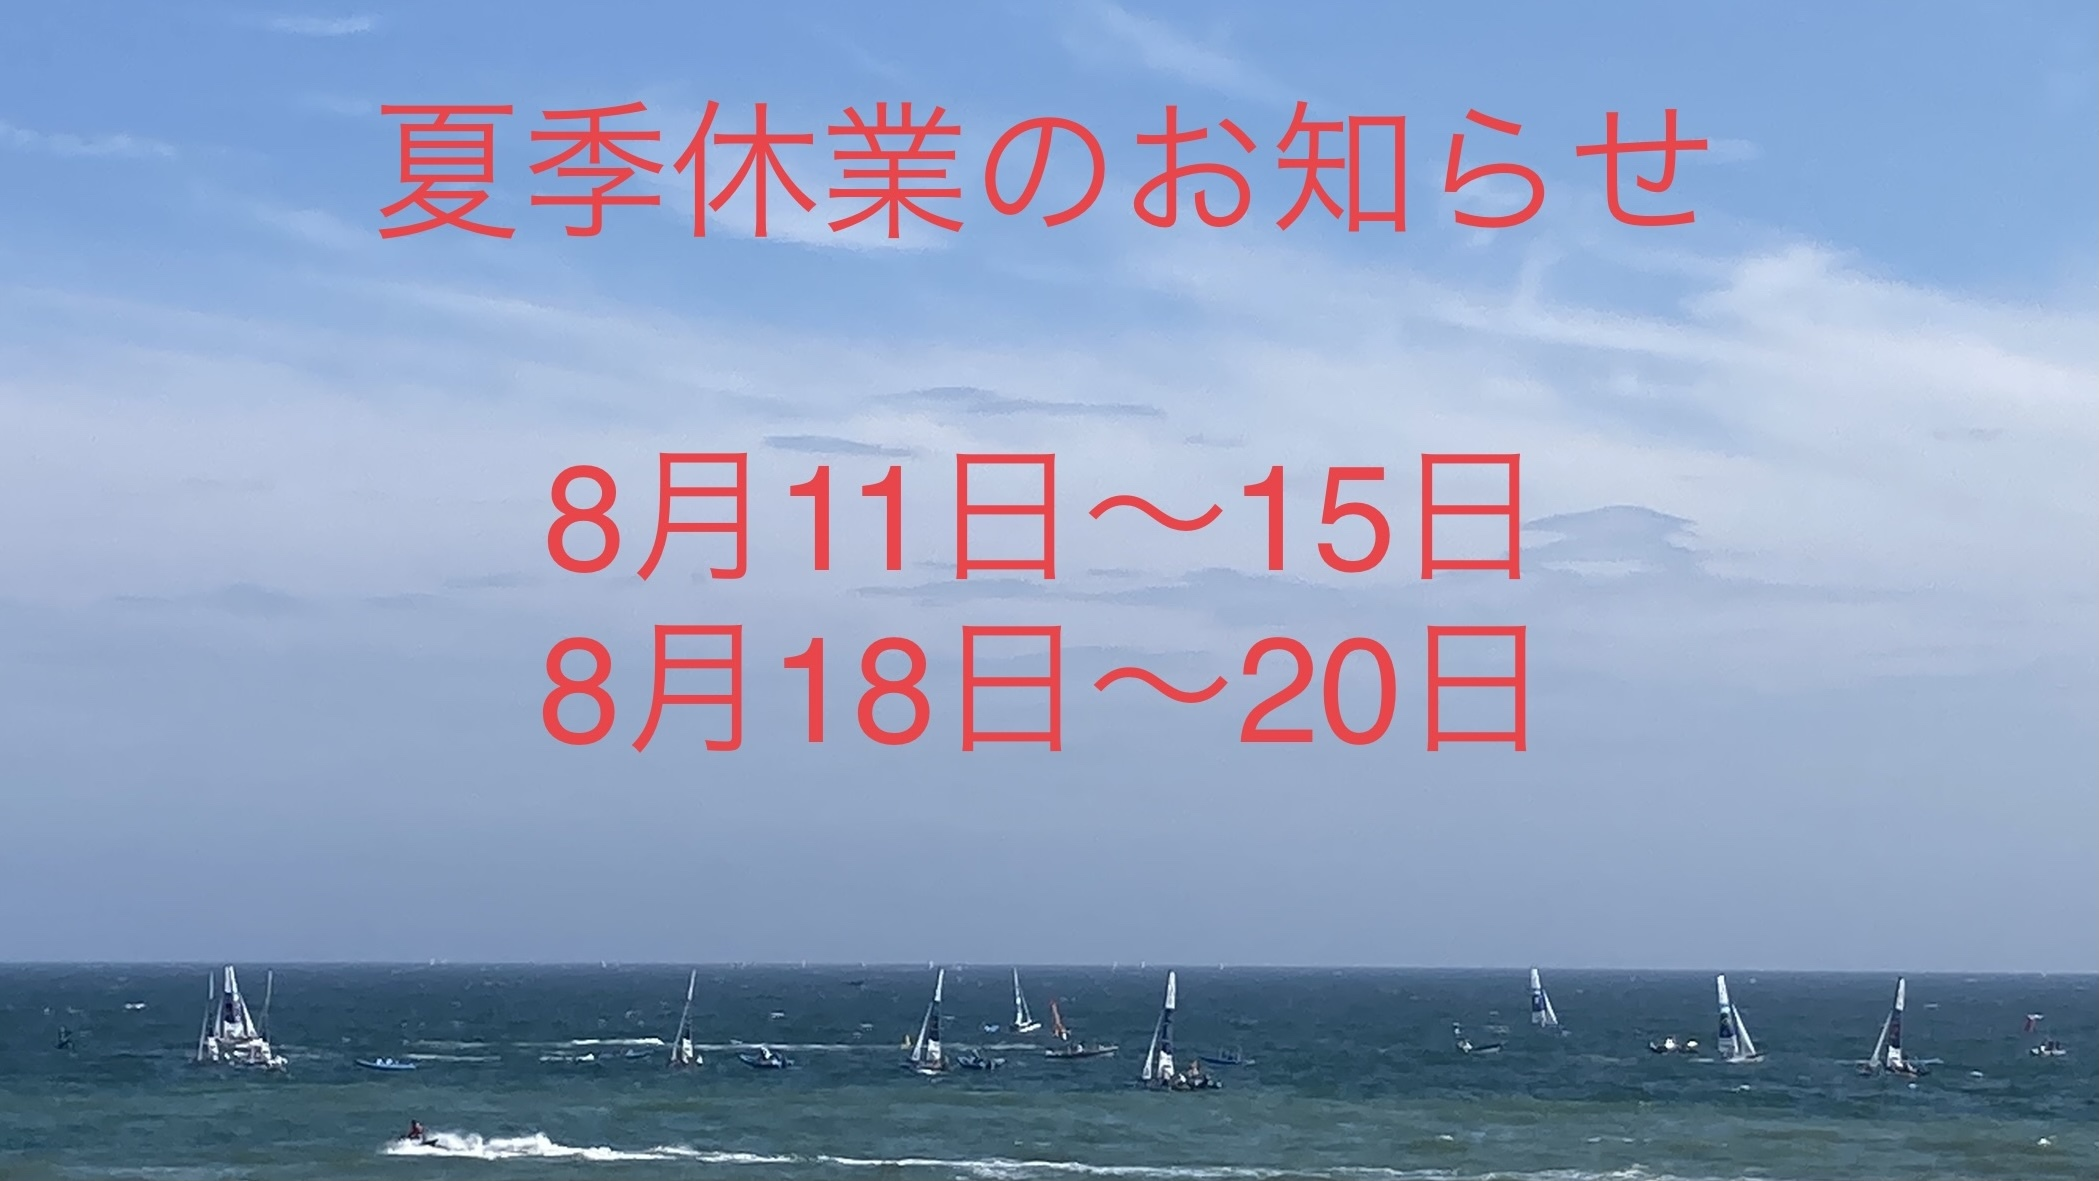 8月11日~15日まで夏季休業致します。_d0108933_23144687.jpg